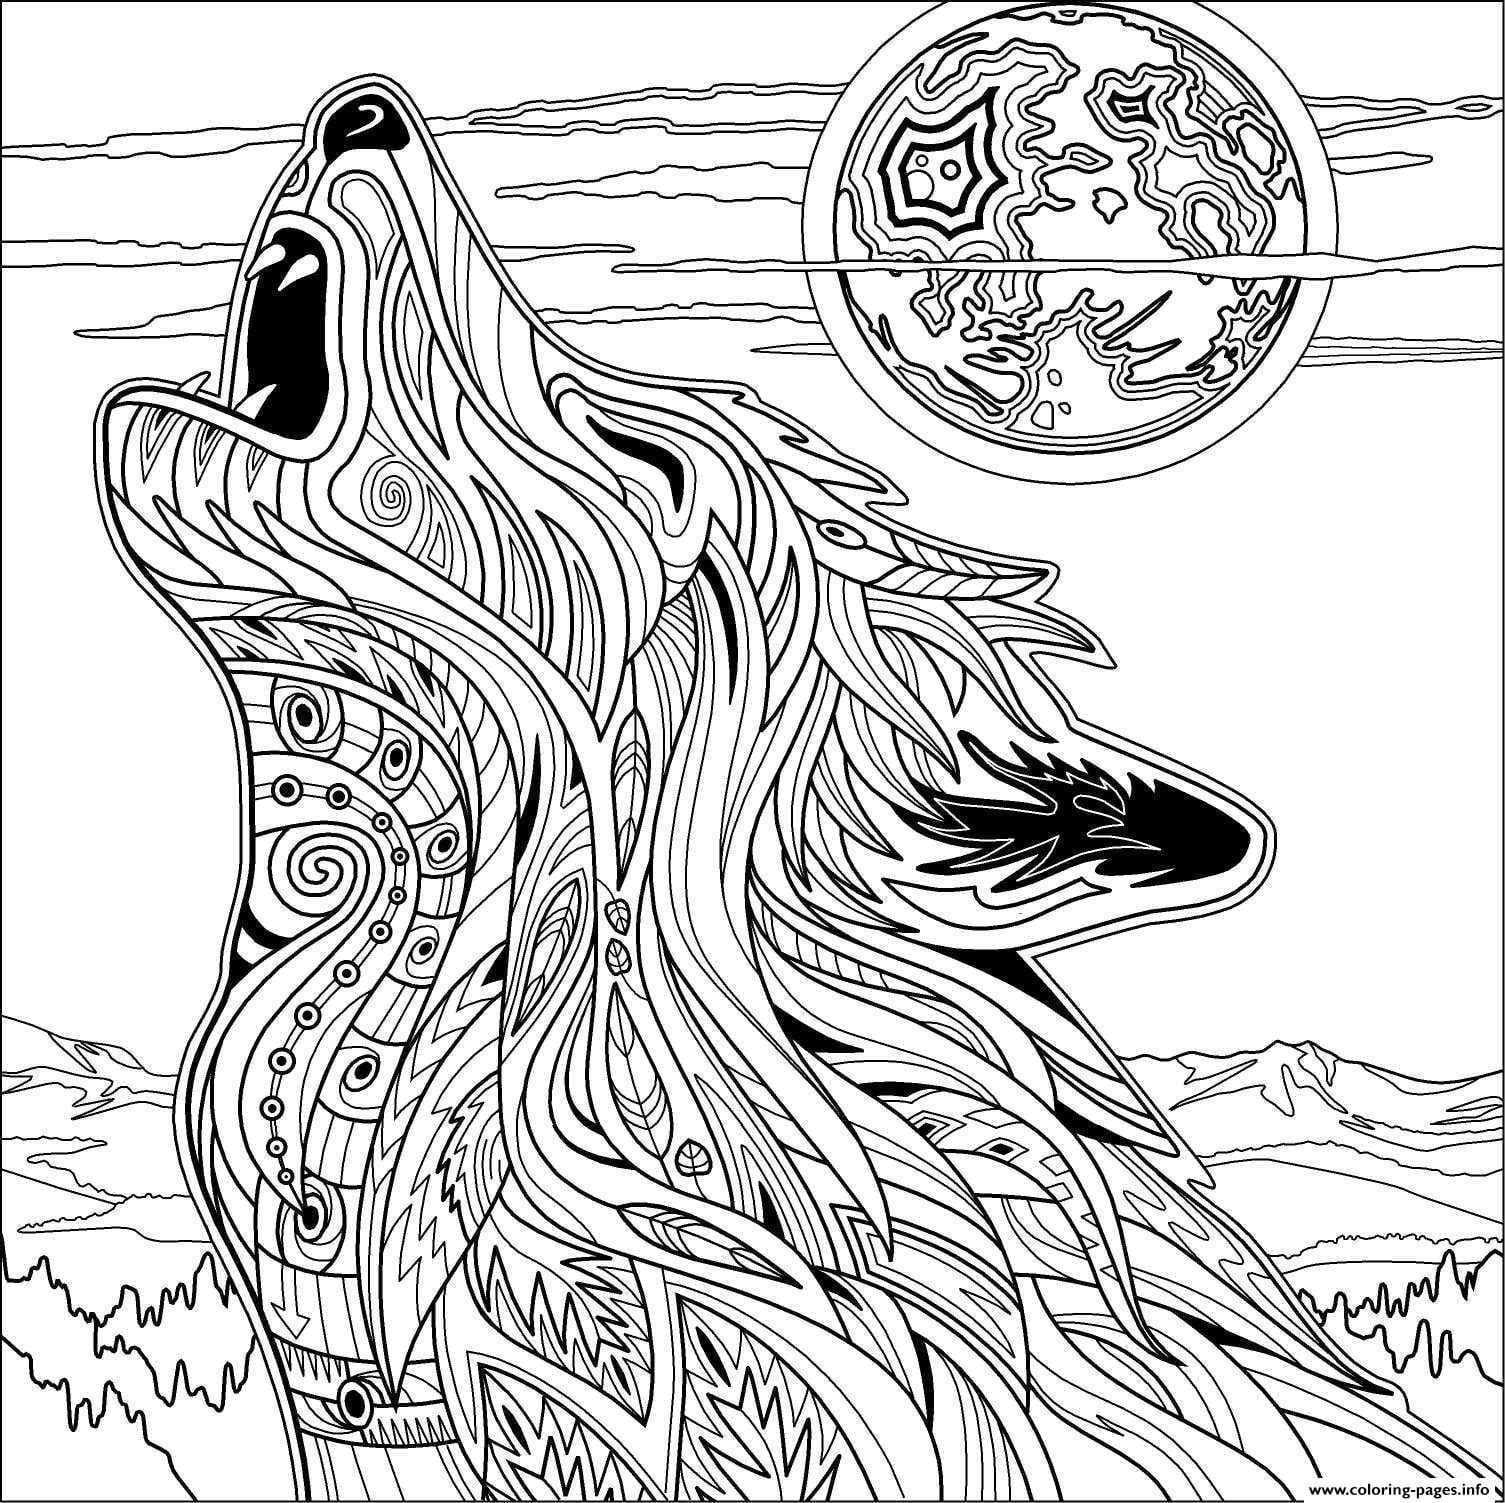 Wolf Coloring Book Kostenlose Erwachsenen Malvorlagen Malvorlagen Pferde Ausmalbilder